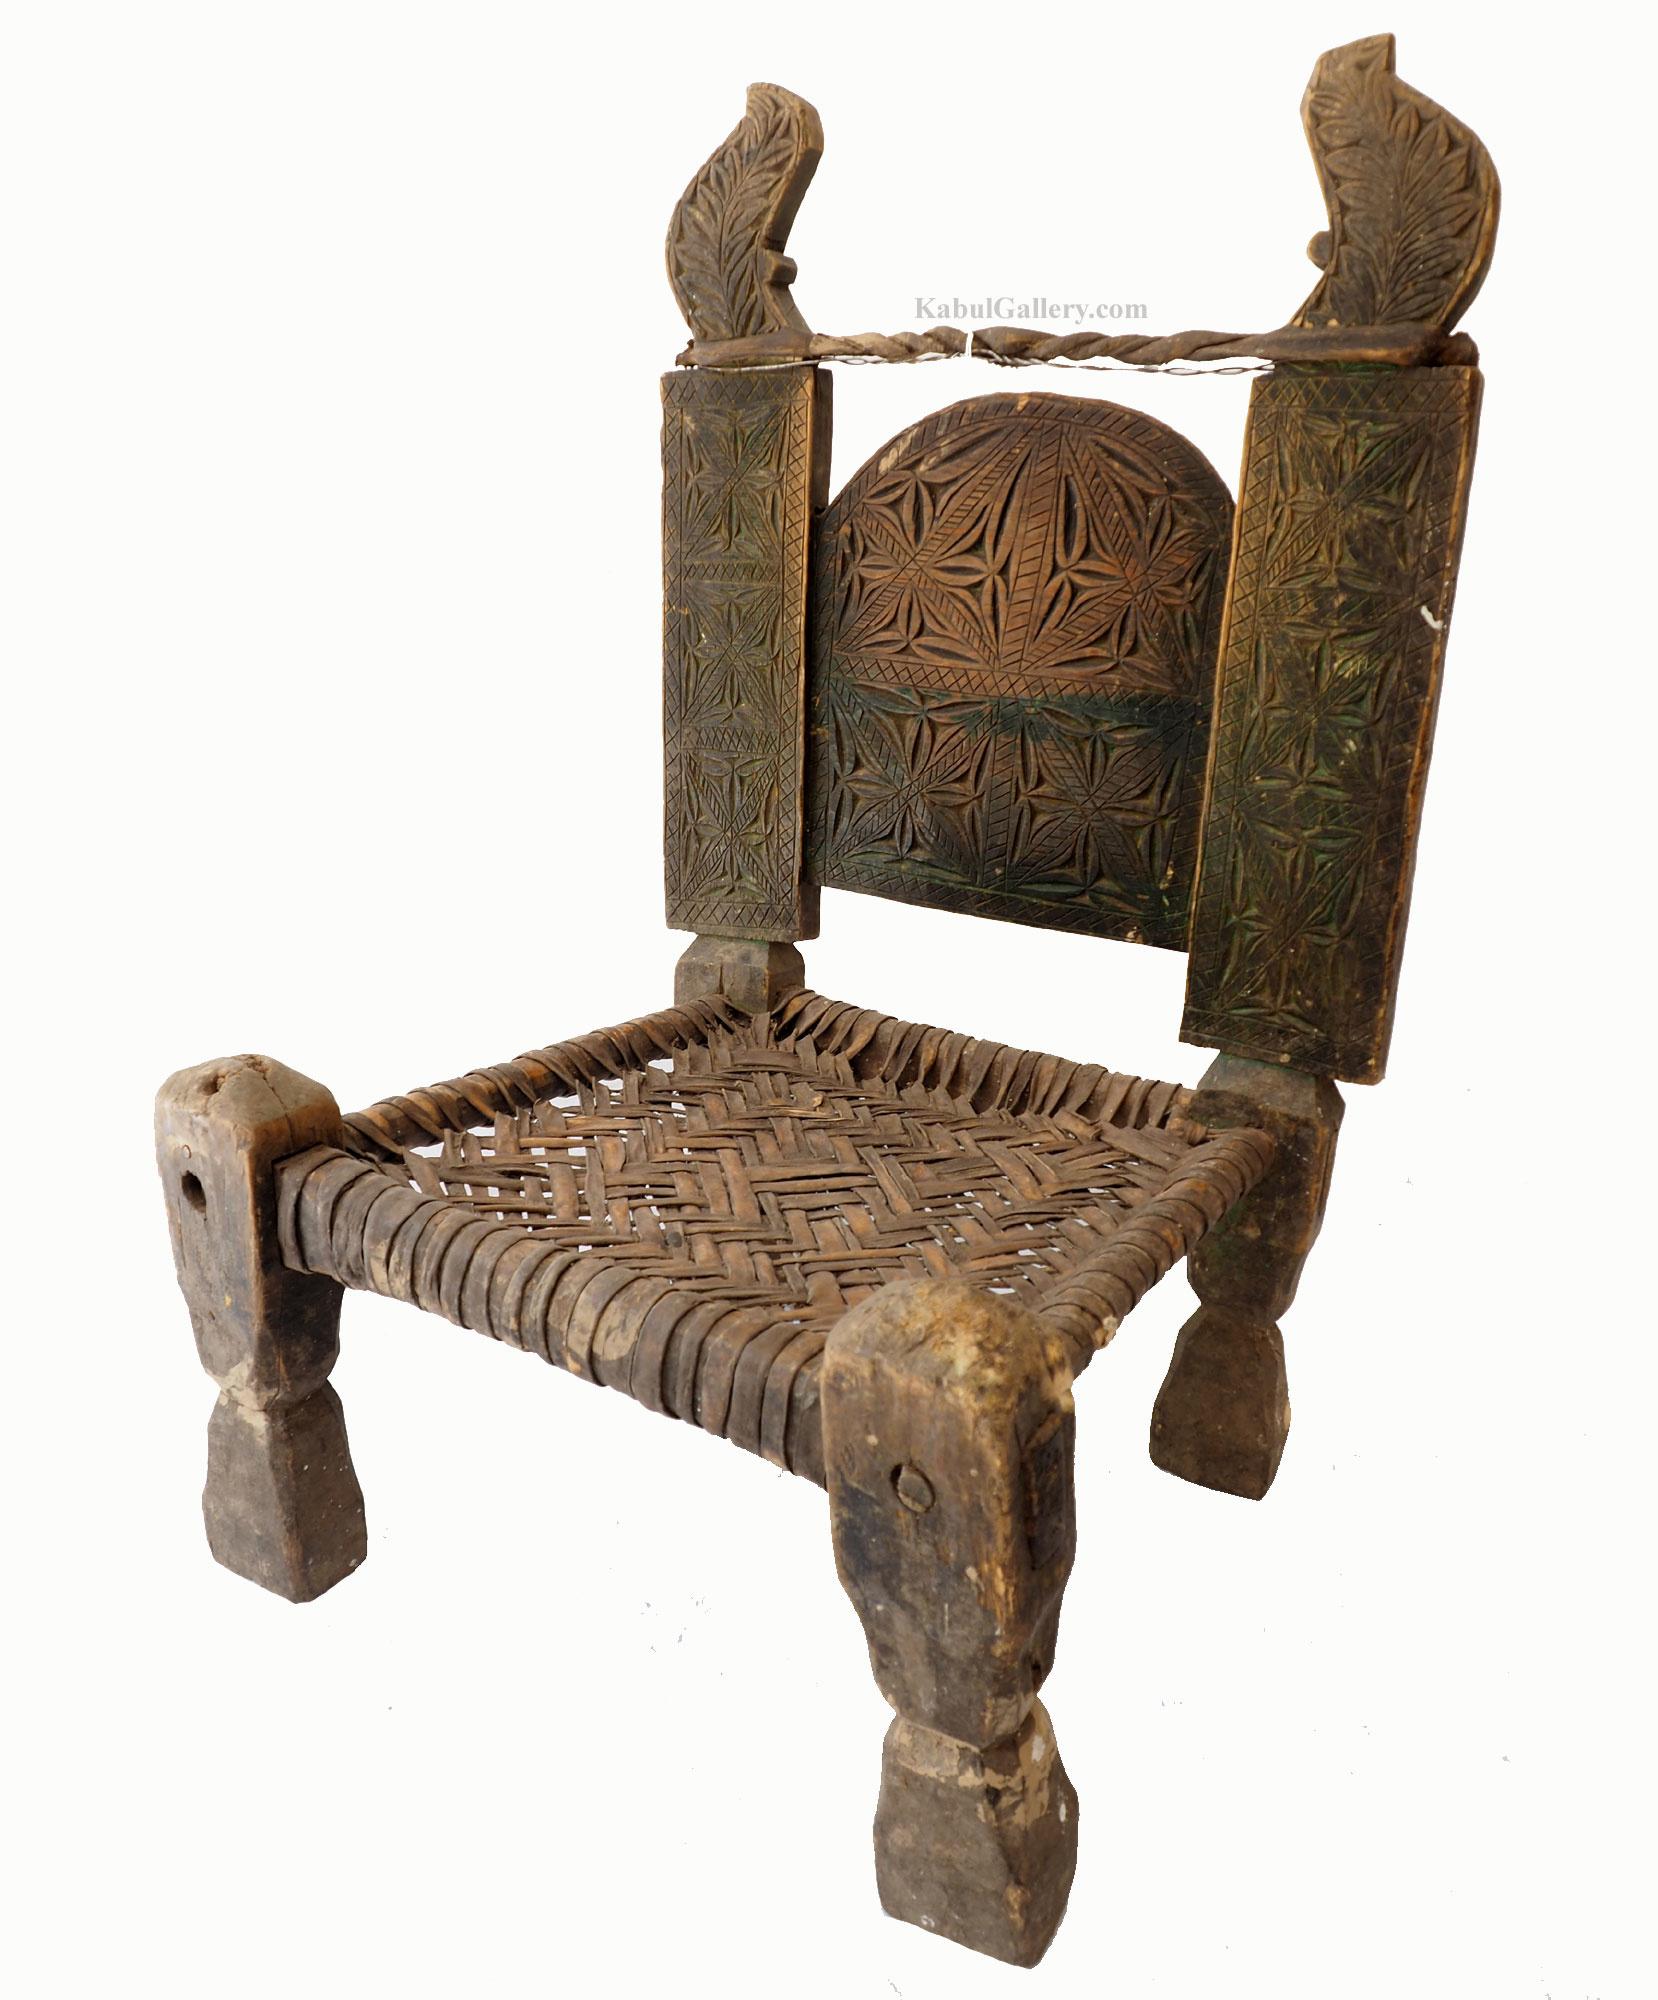 Antique Nuristan Chair Stuhl No:J